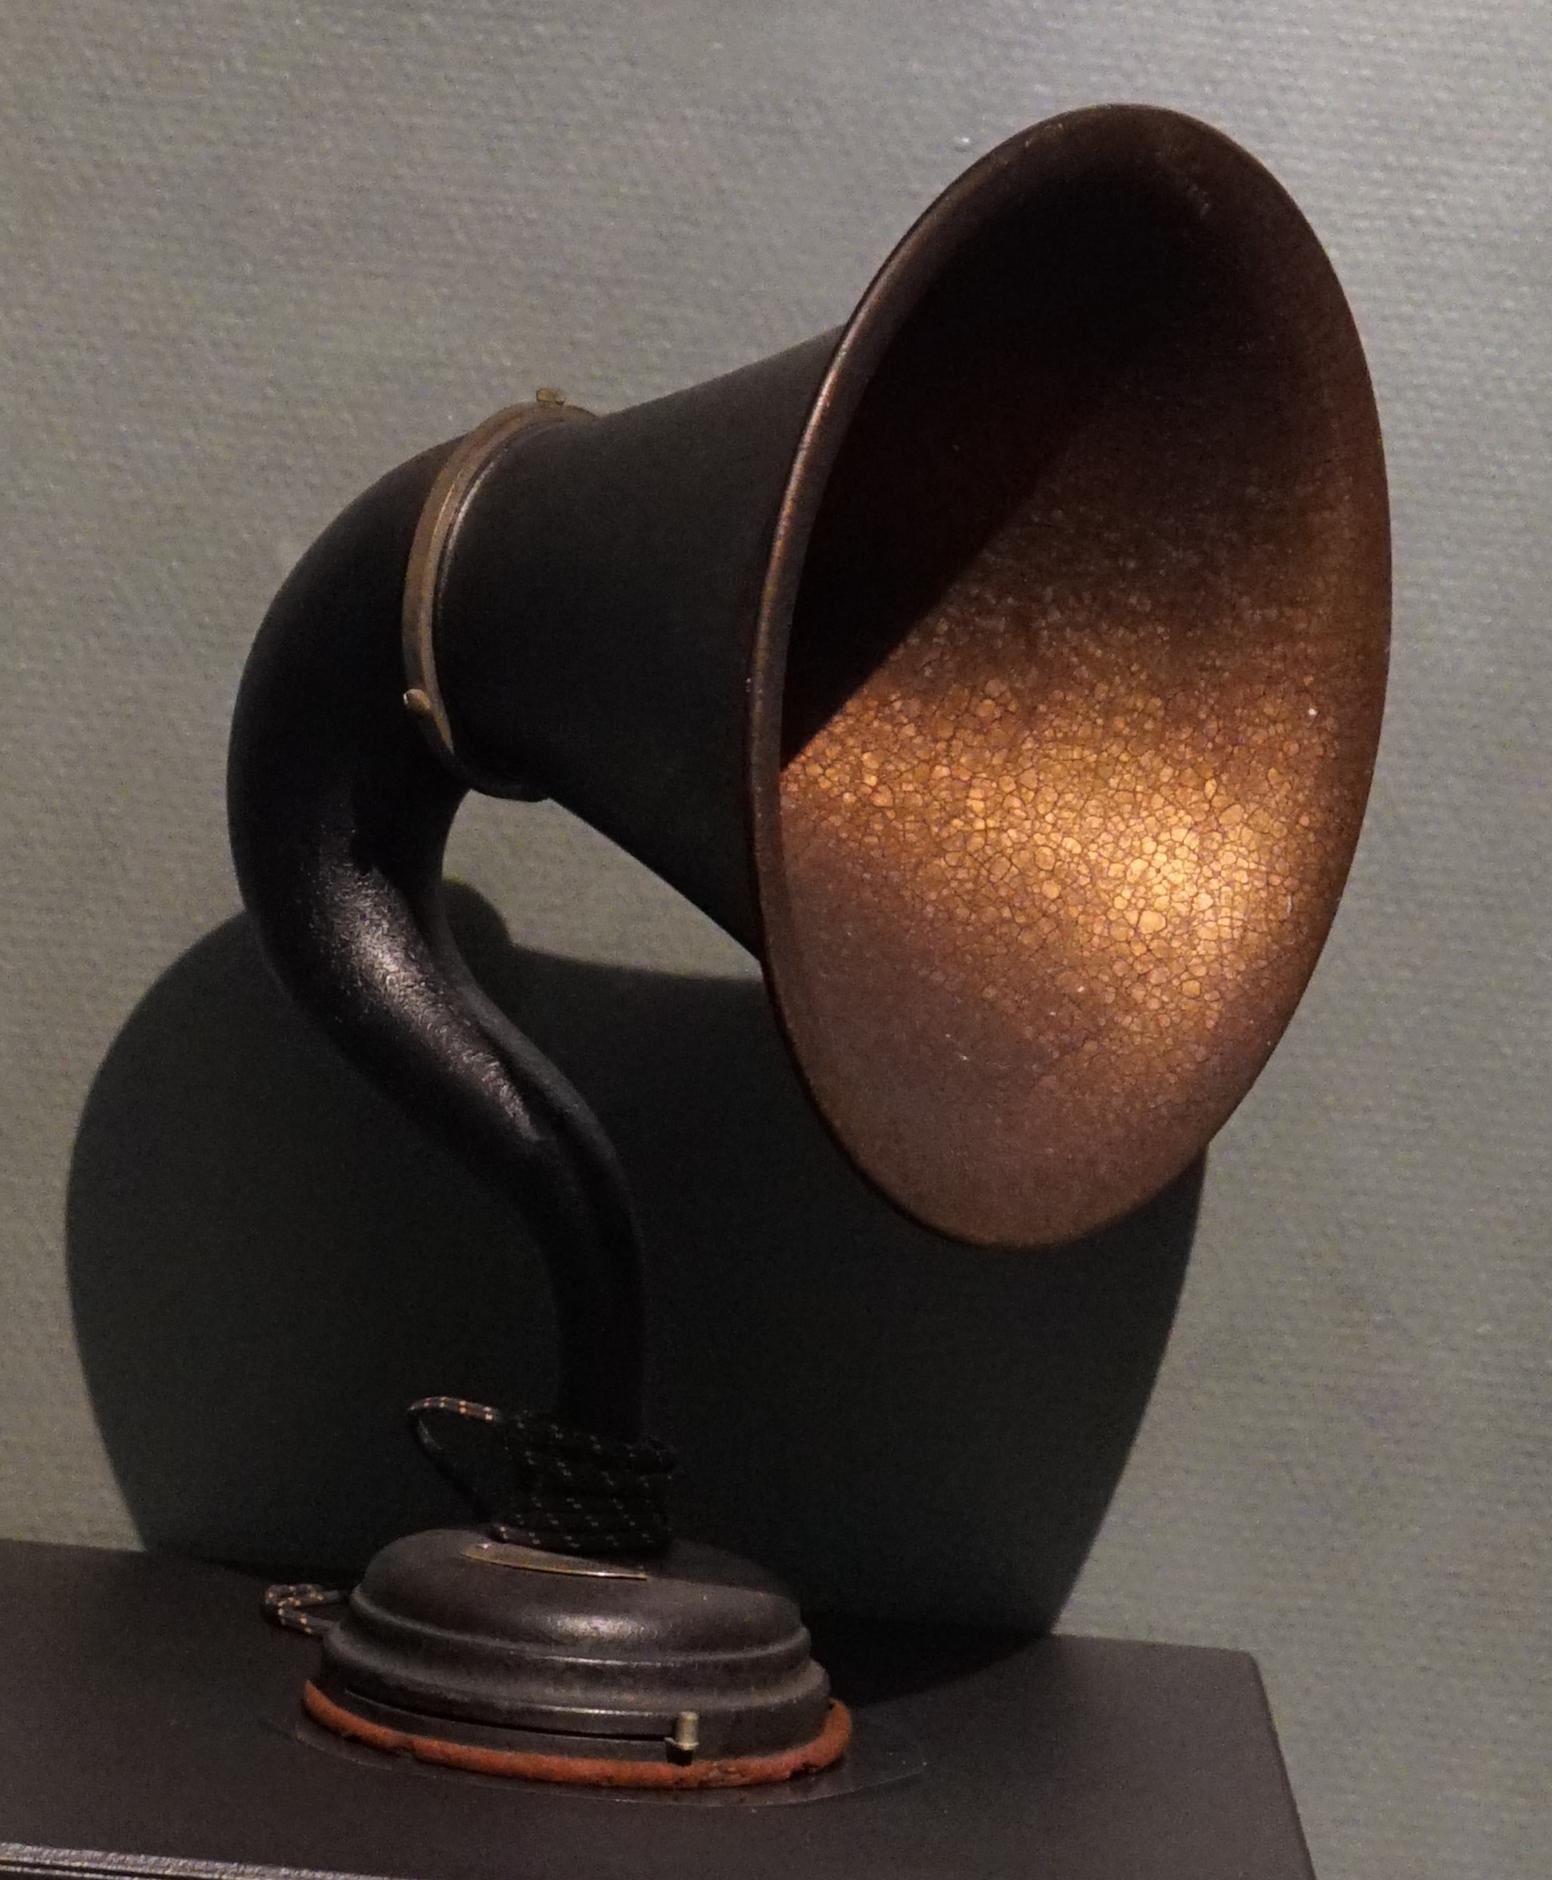 Type De Haut Parleur file:haut parleur thomson houston type b 1008063